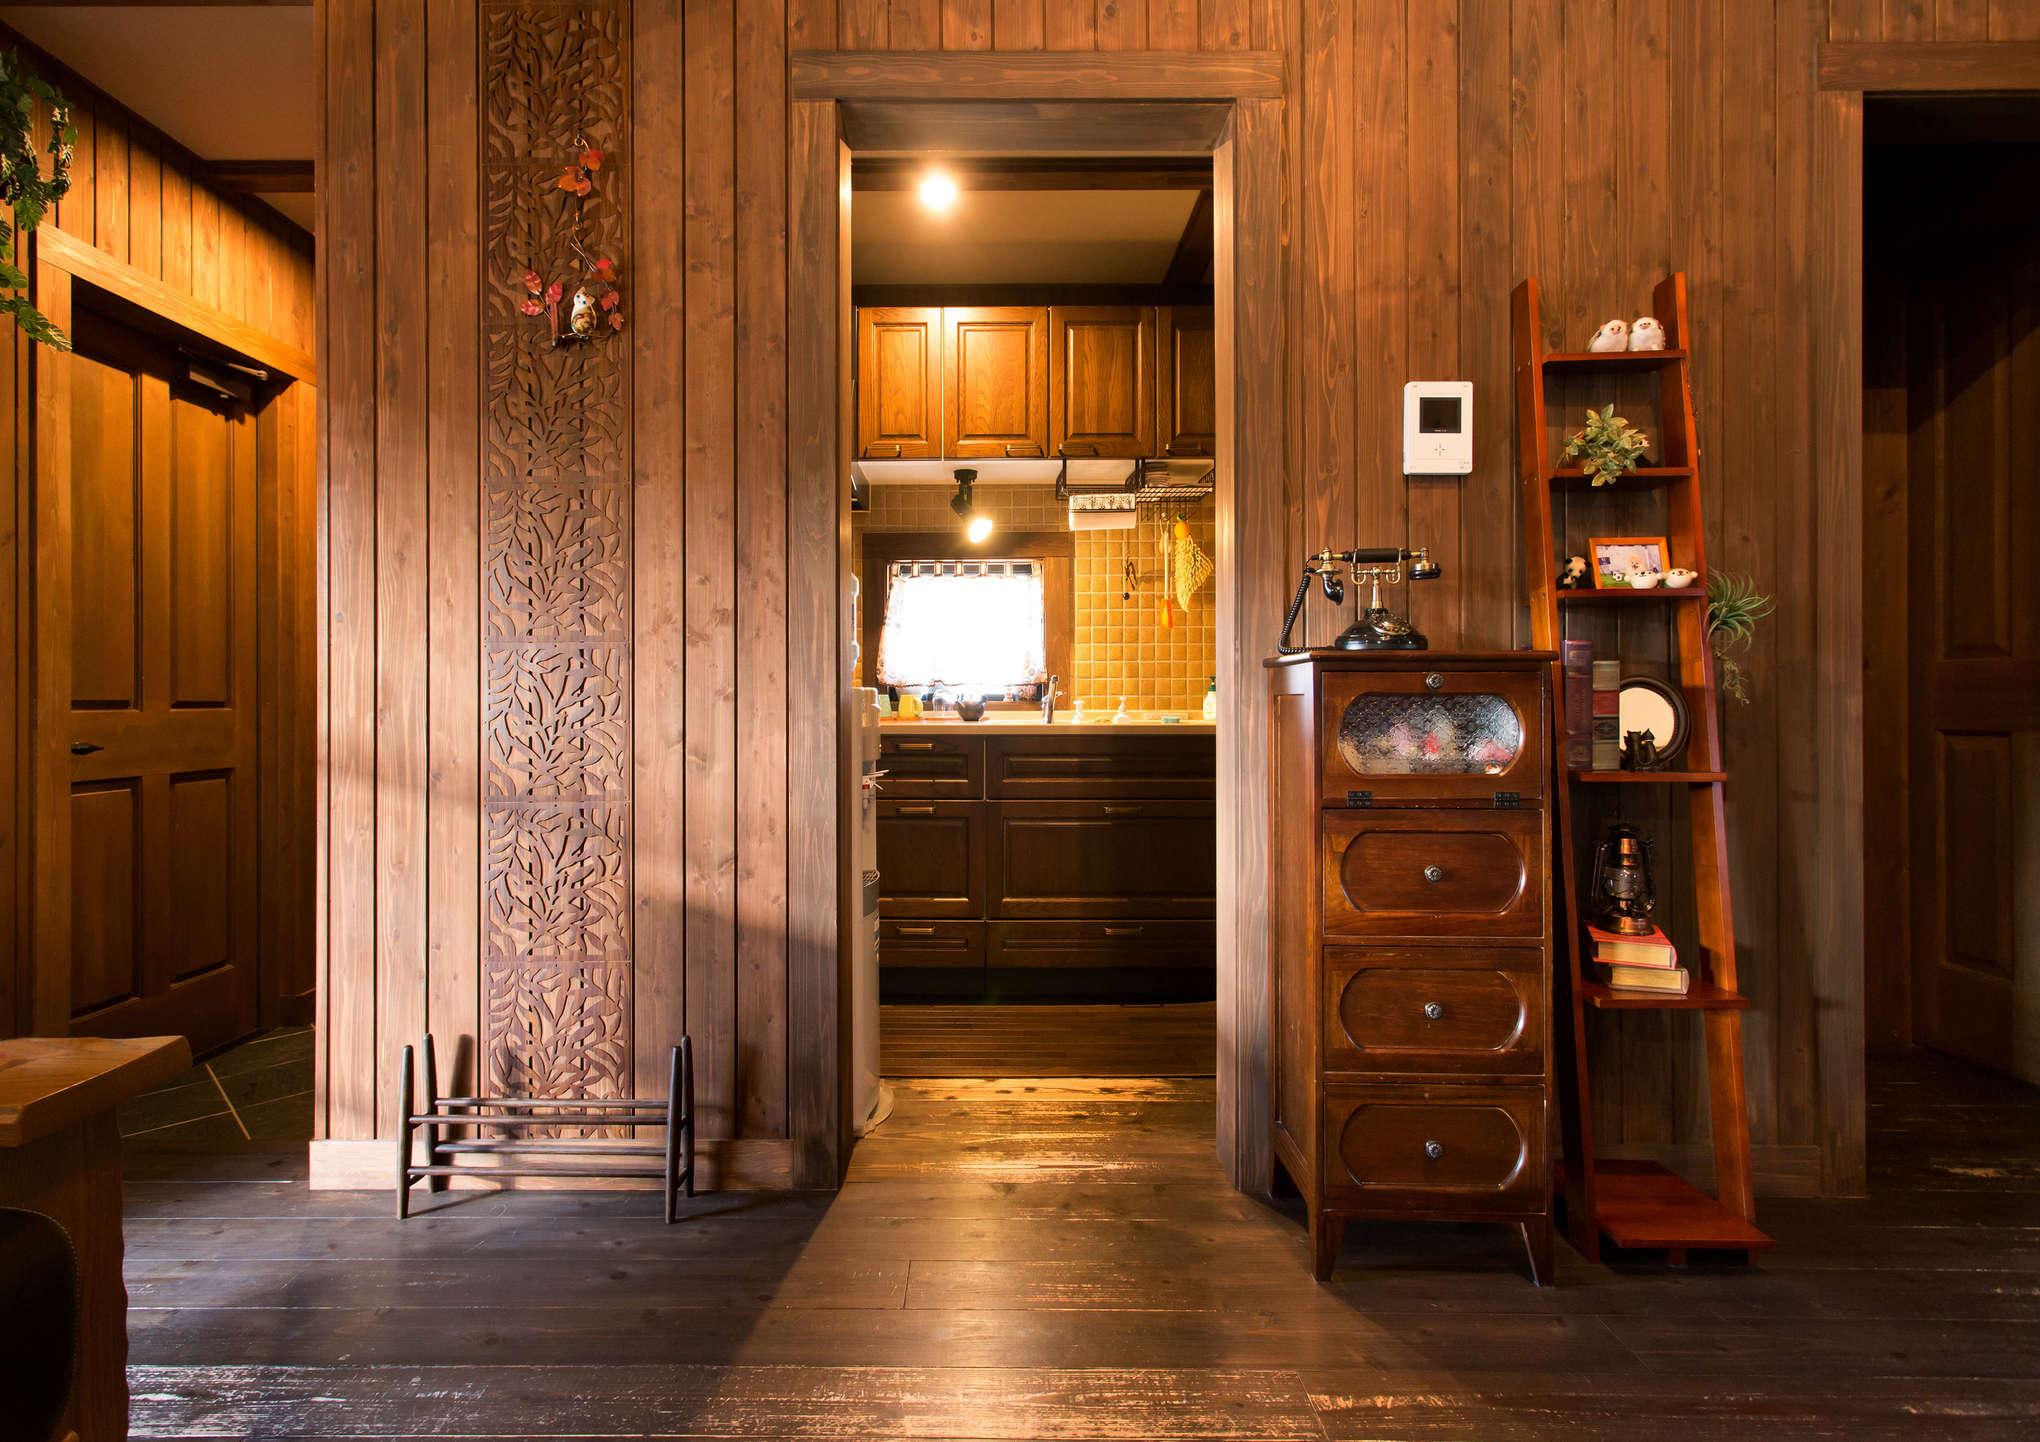 リビングの横に、隠れ家のようにそっと作られた木製キッチン。写真左の玄関からもアクセスしやすく、ダイニングテーブルまでの距離も短い。コンパクトな暮らしのお手本と言えそう